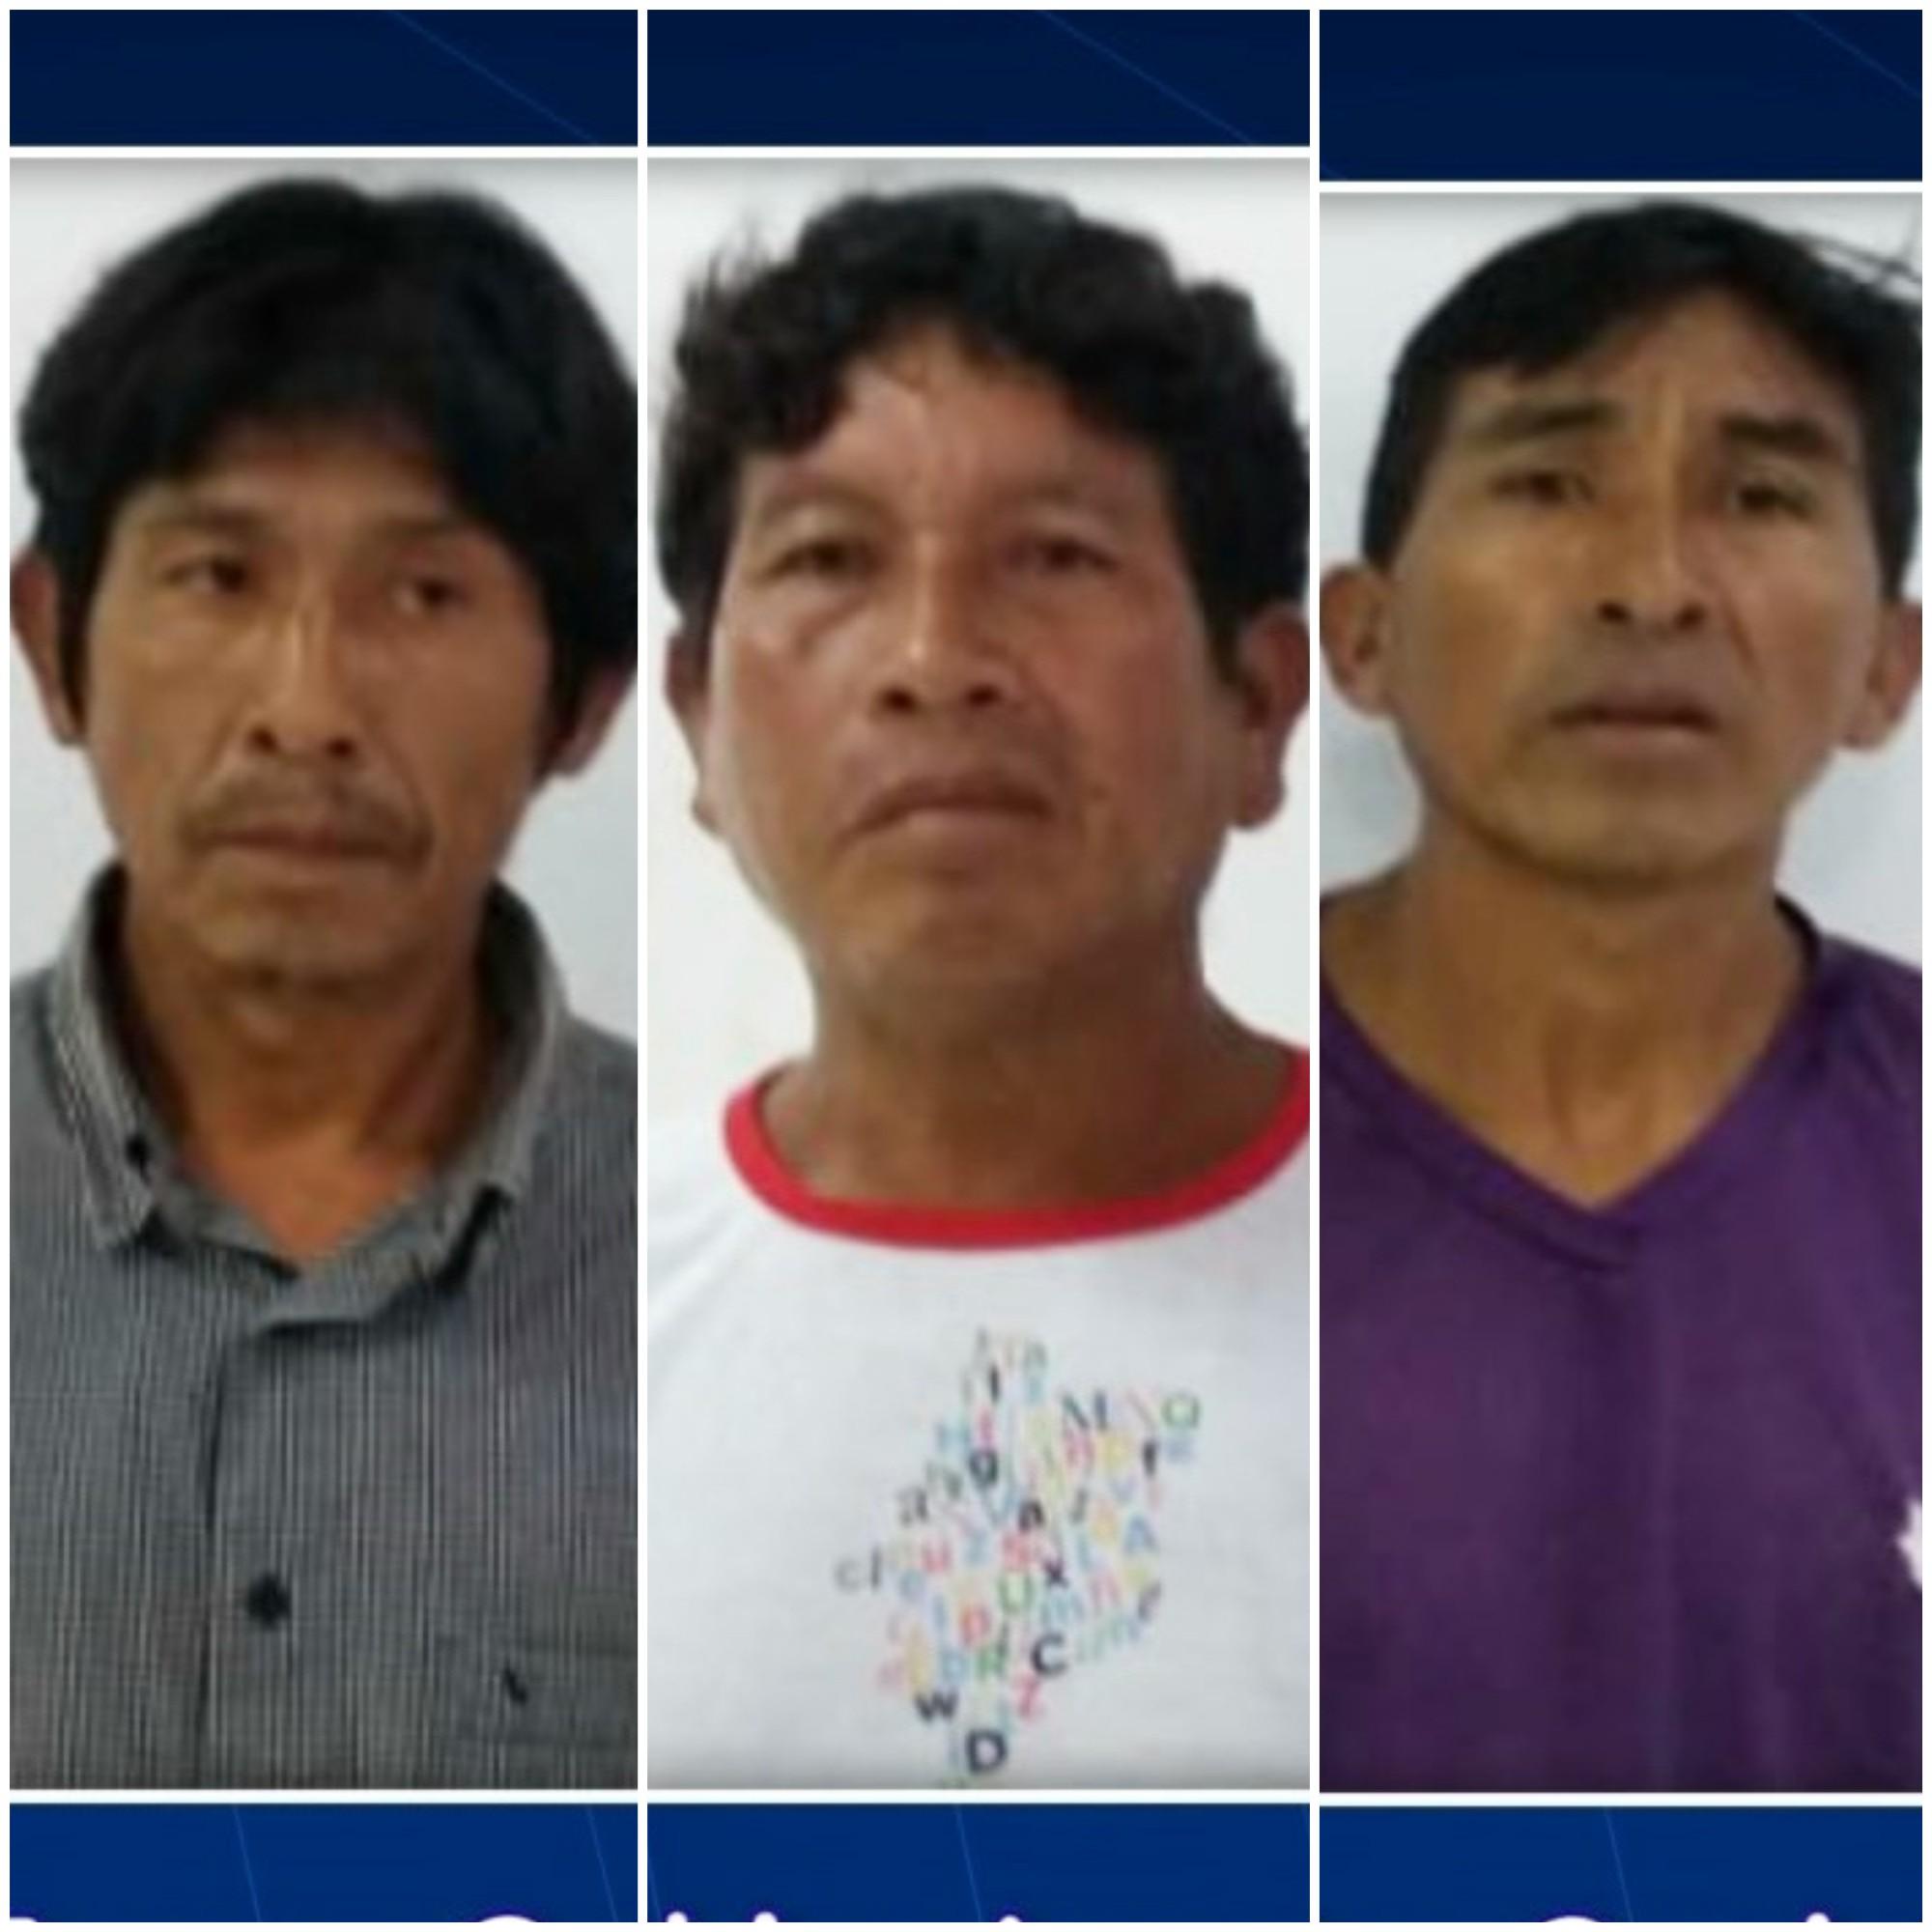 Após 20 anos, índios que cometeram duplo assassinato são condenados no Maranhão